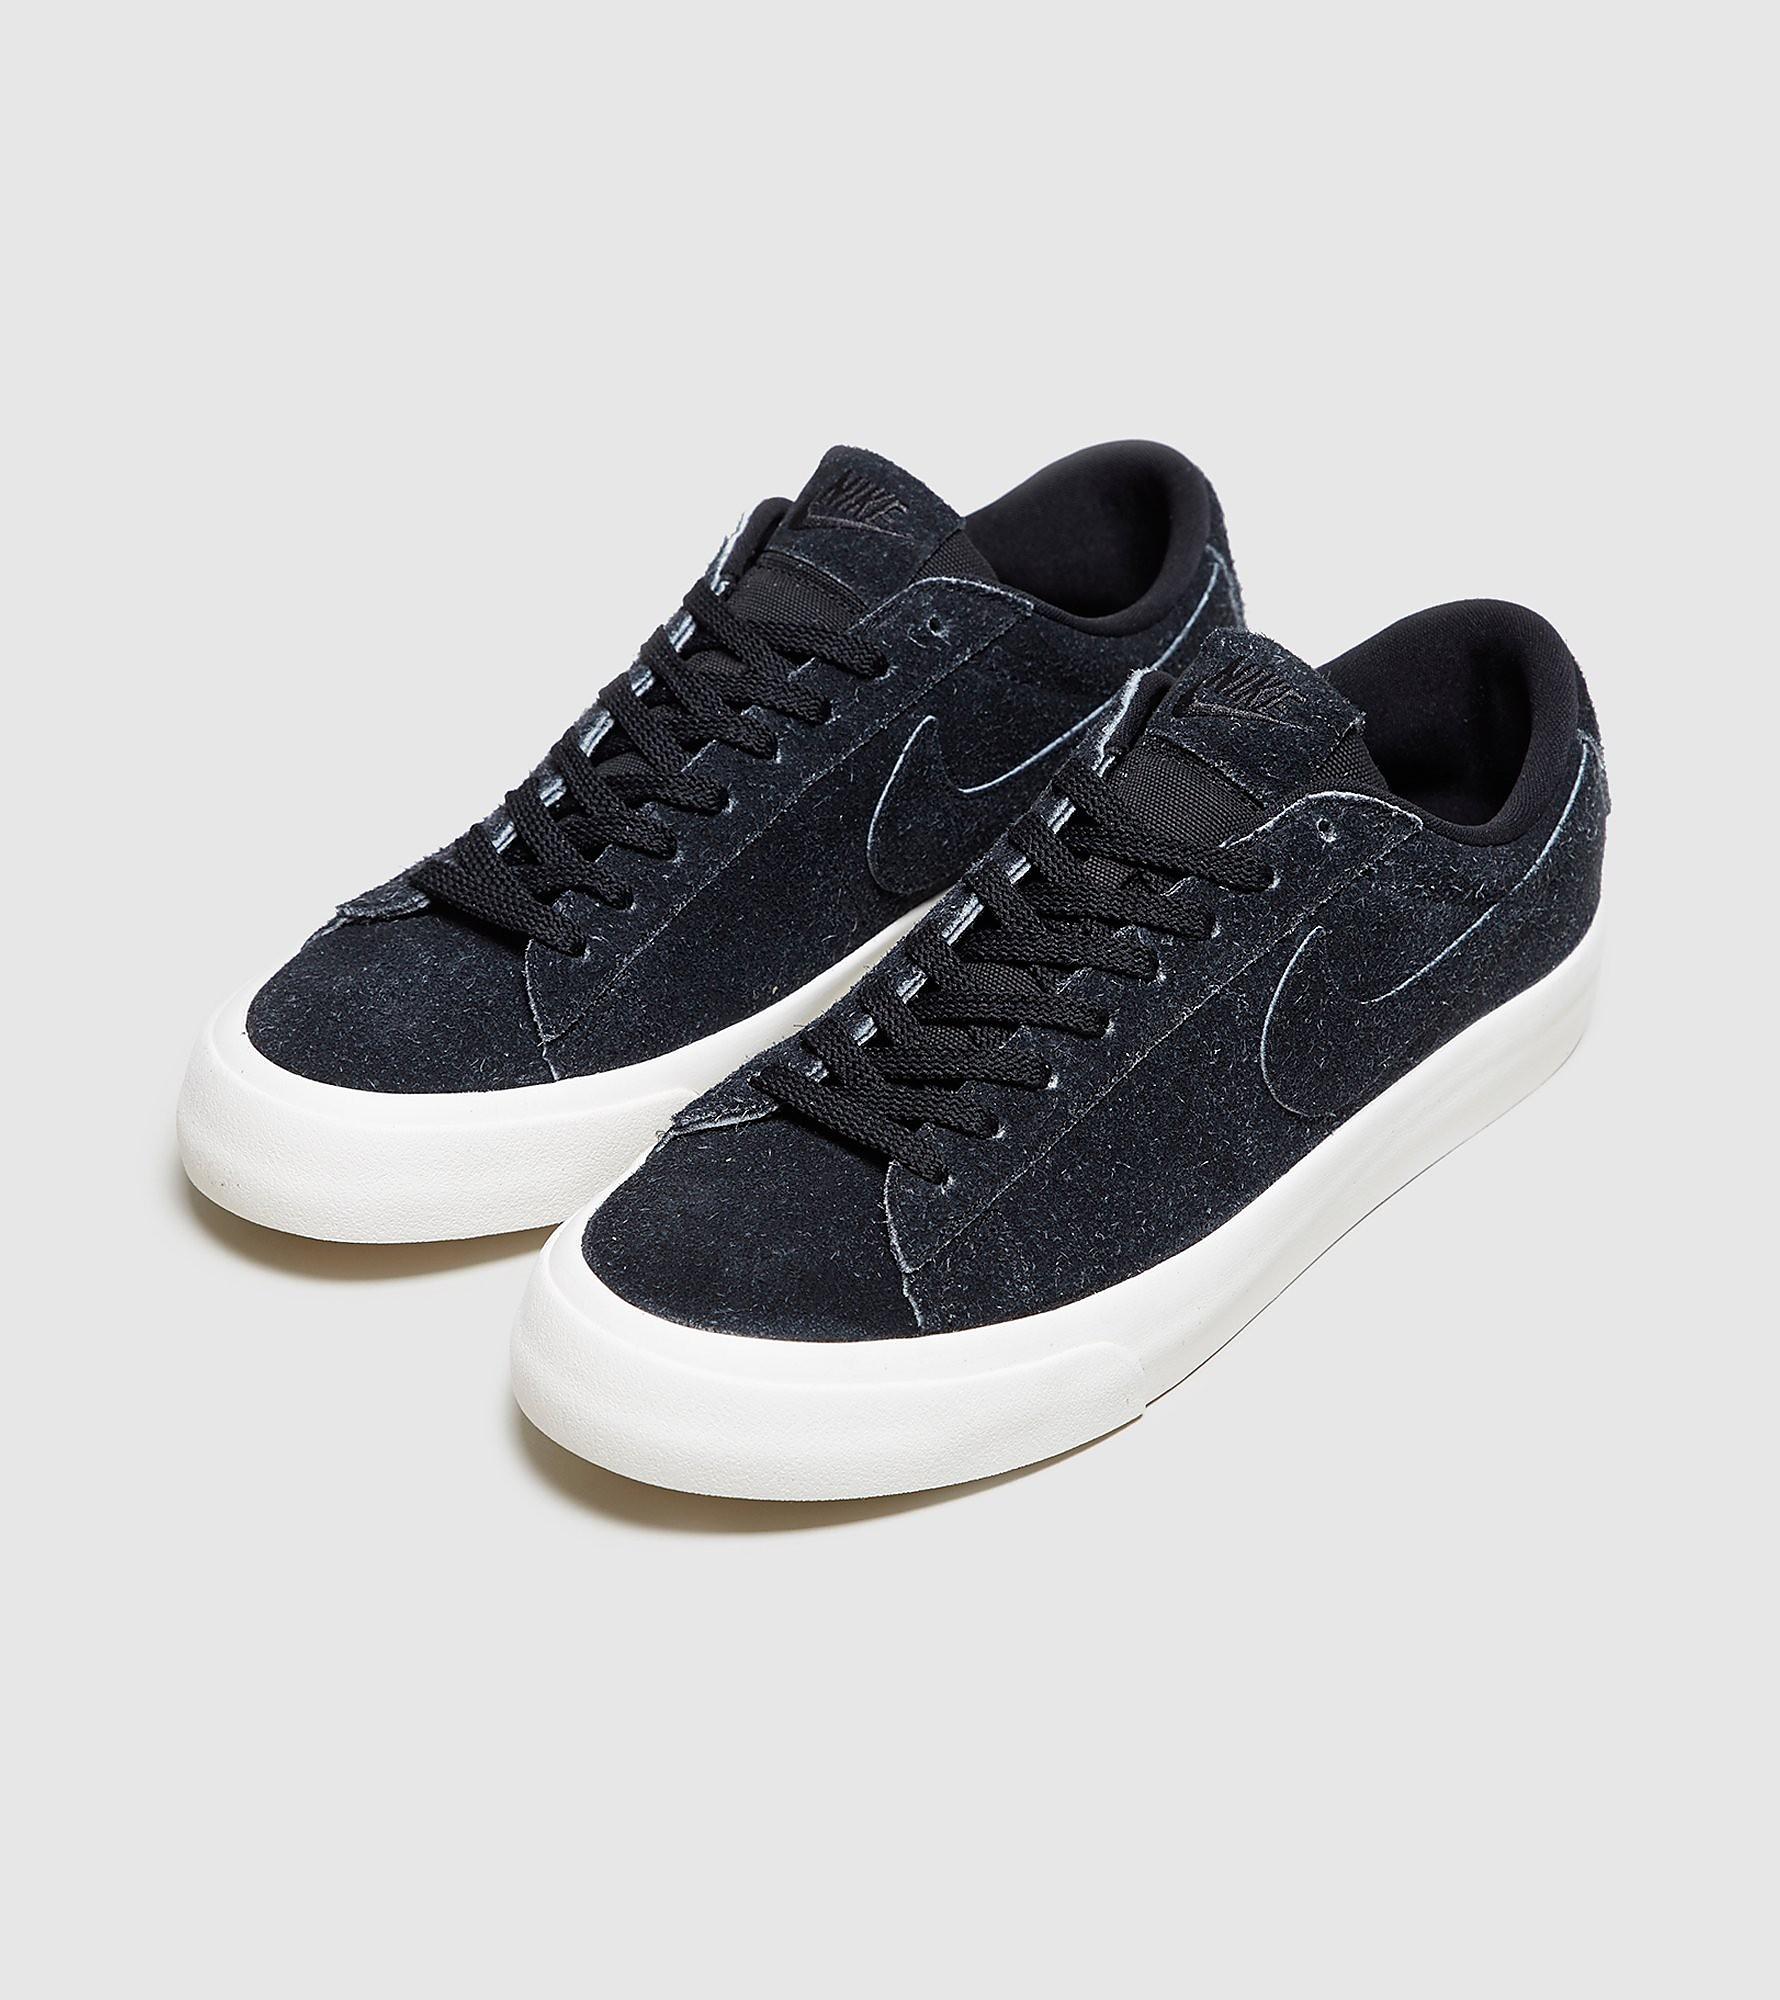 Nike Blazer Studio Suede